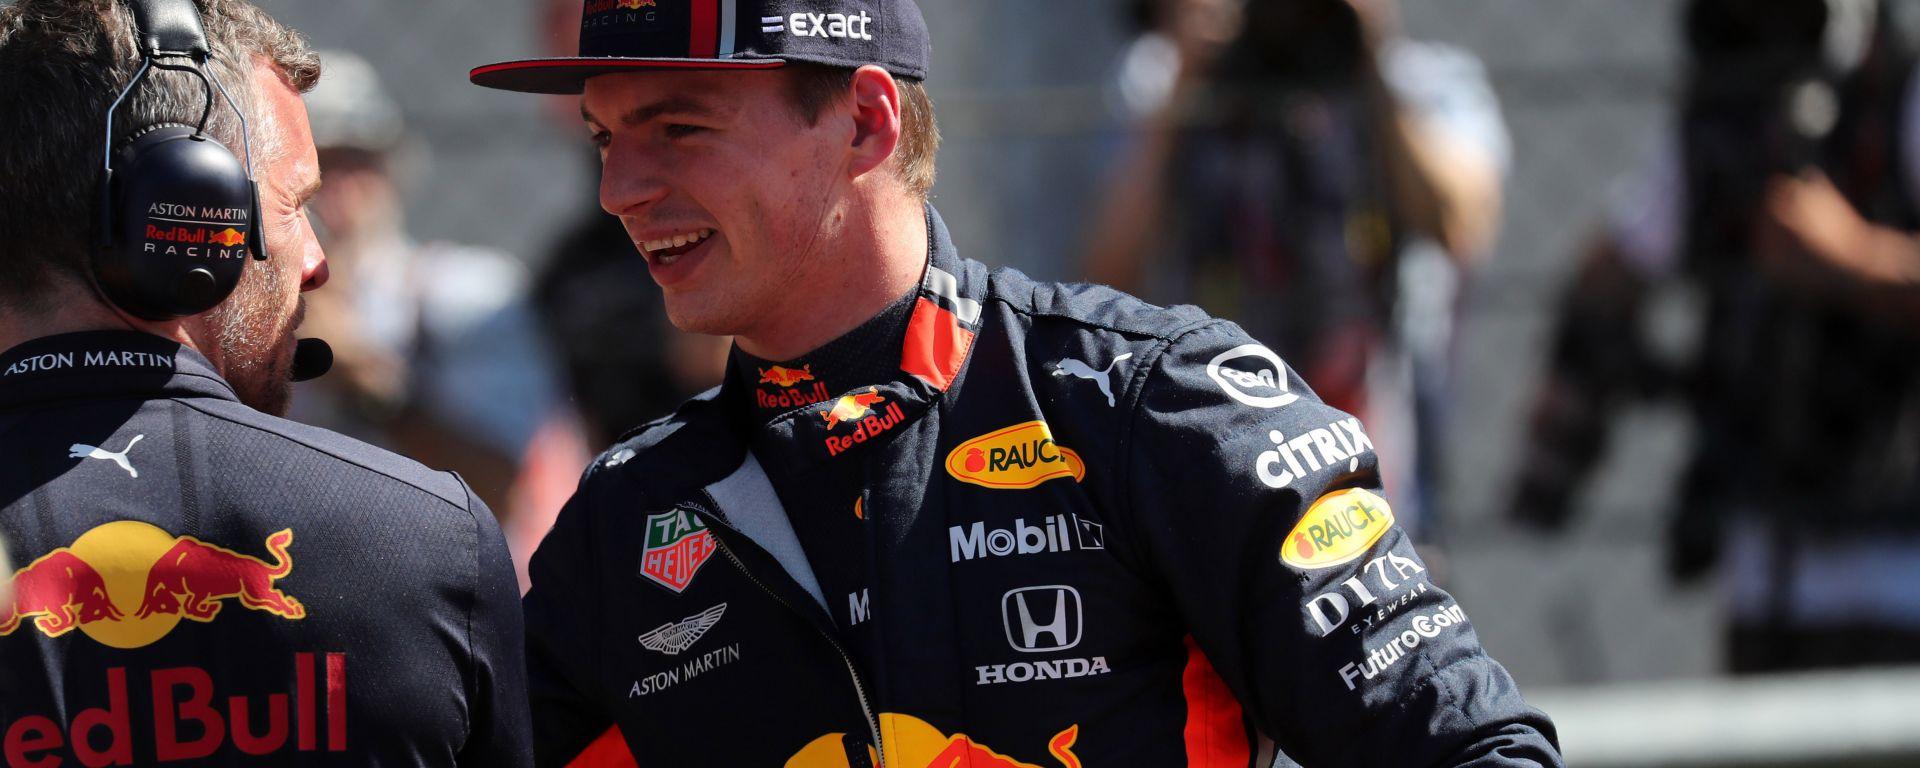 F1 GP Austria 2019, Max Verstappen sorridente dopo le qualifiche